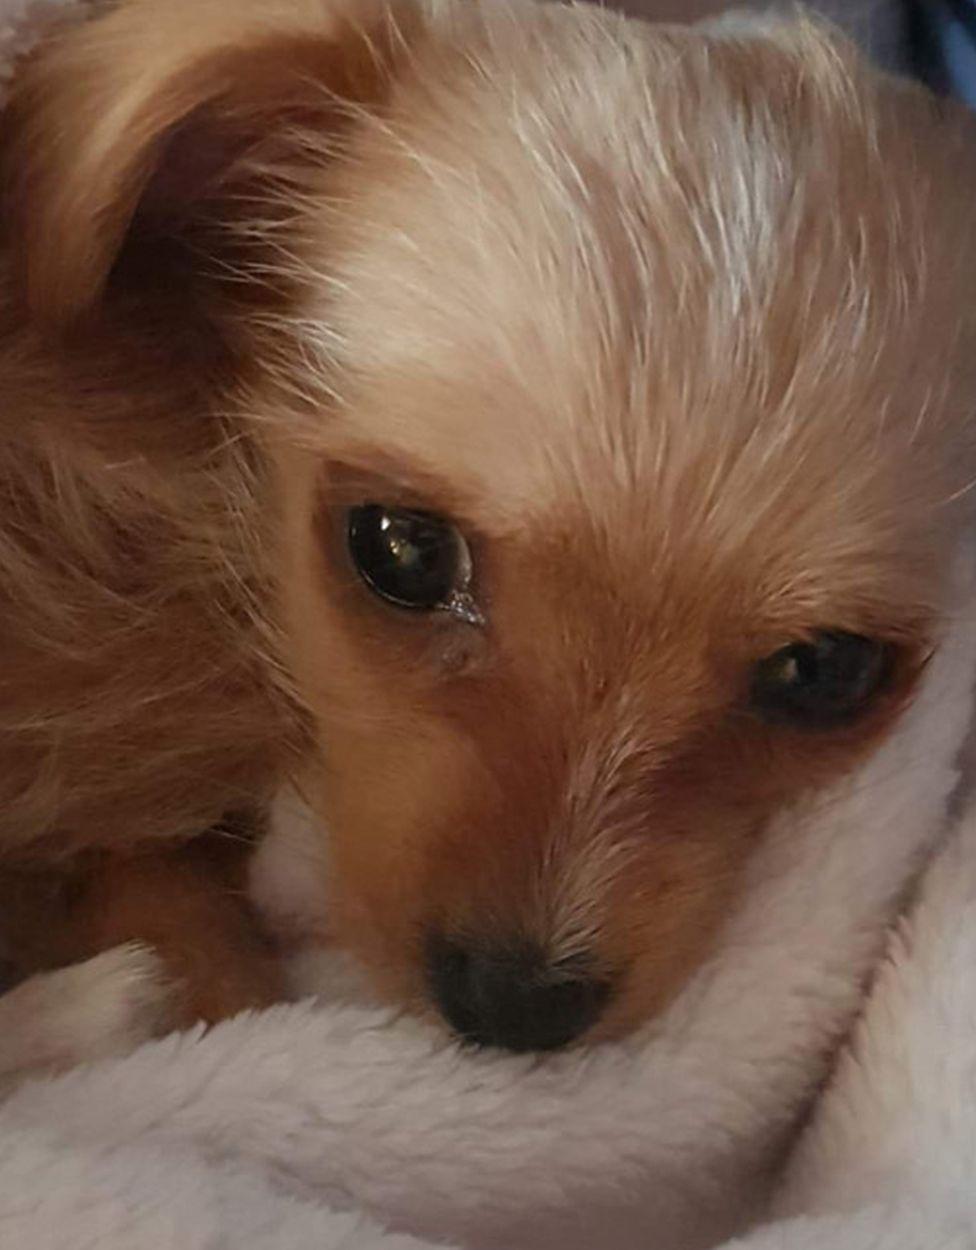 A close up of Daisy